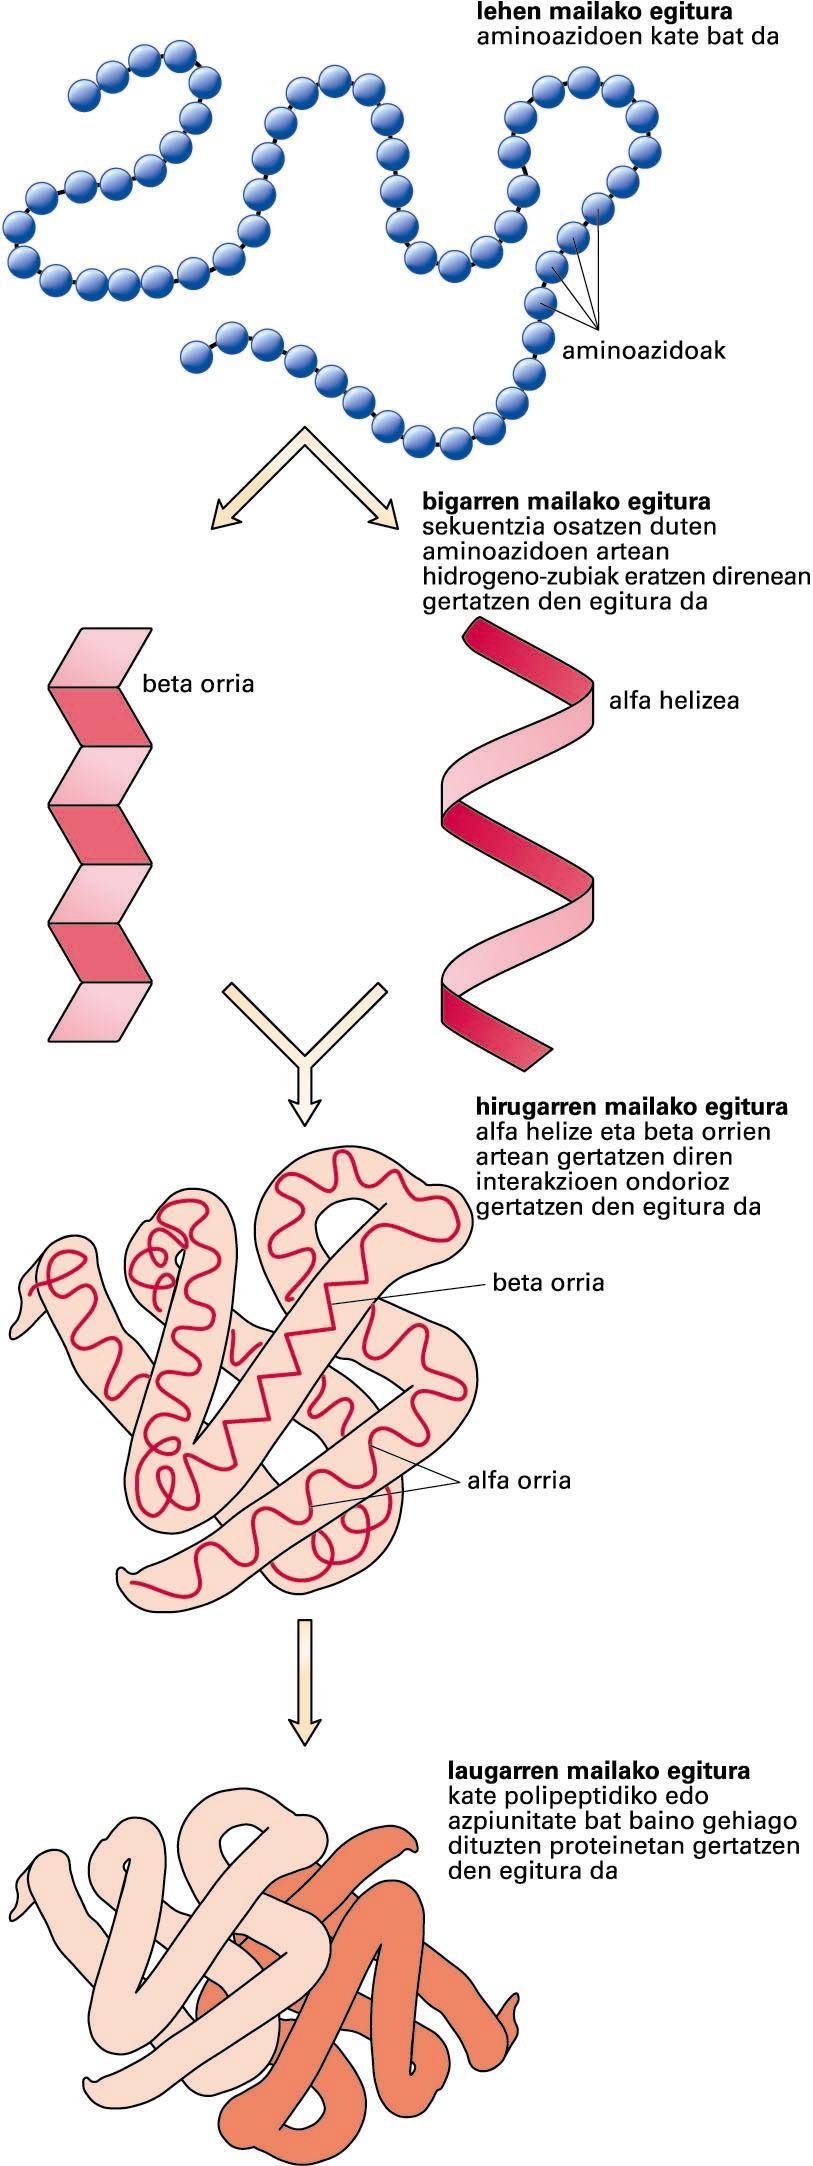 Proteinen egituraren lau mailak